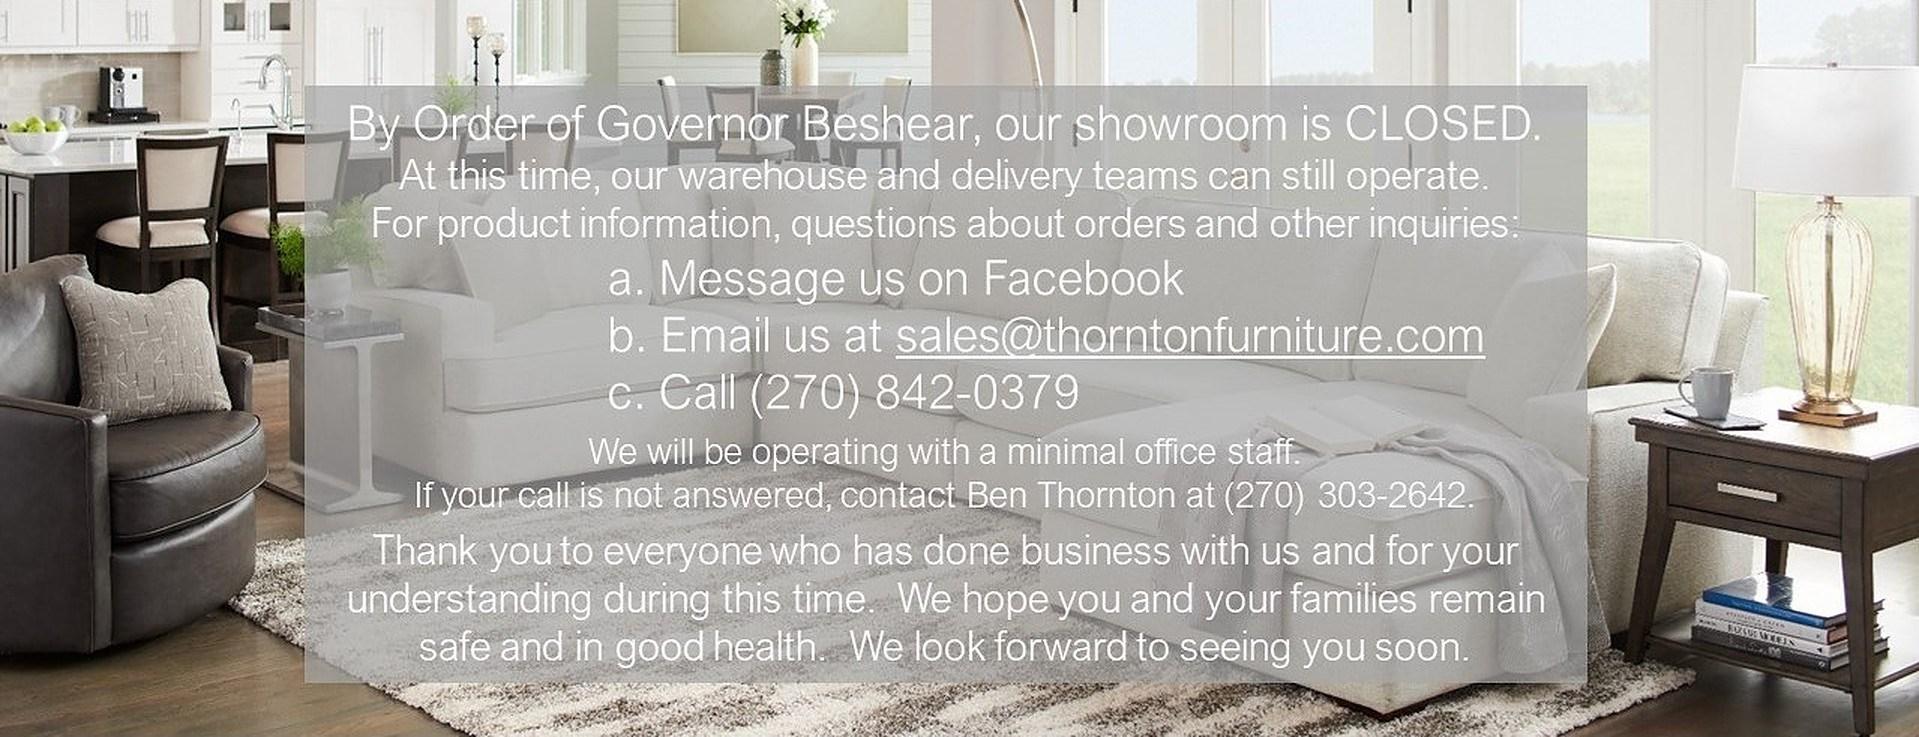 Governor Closing